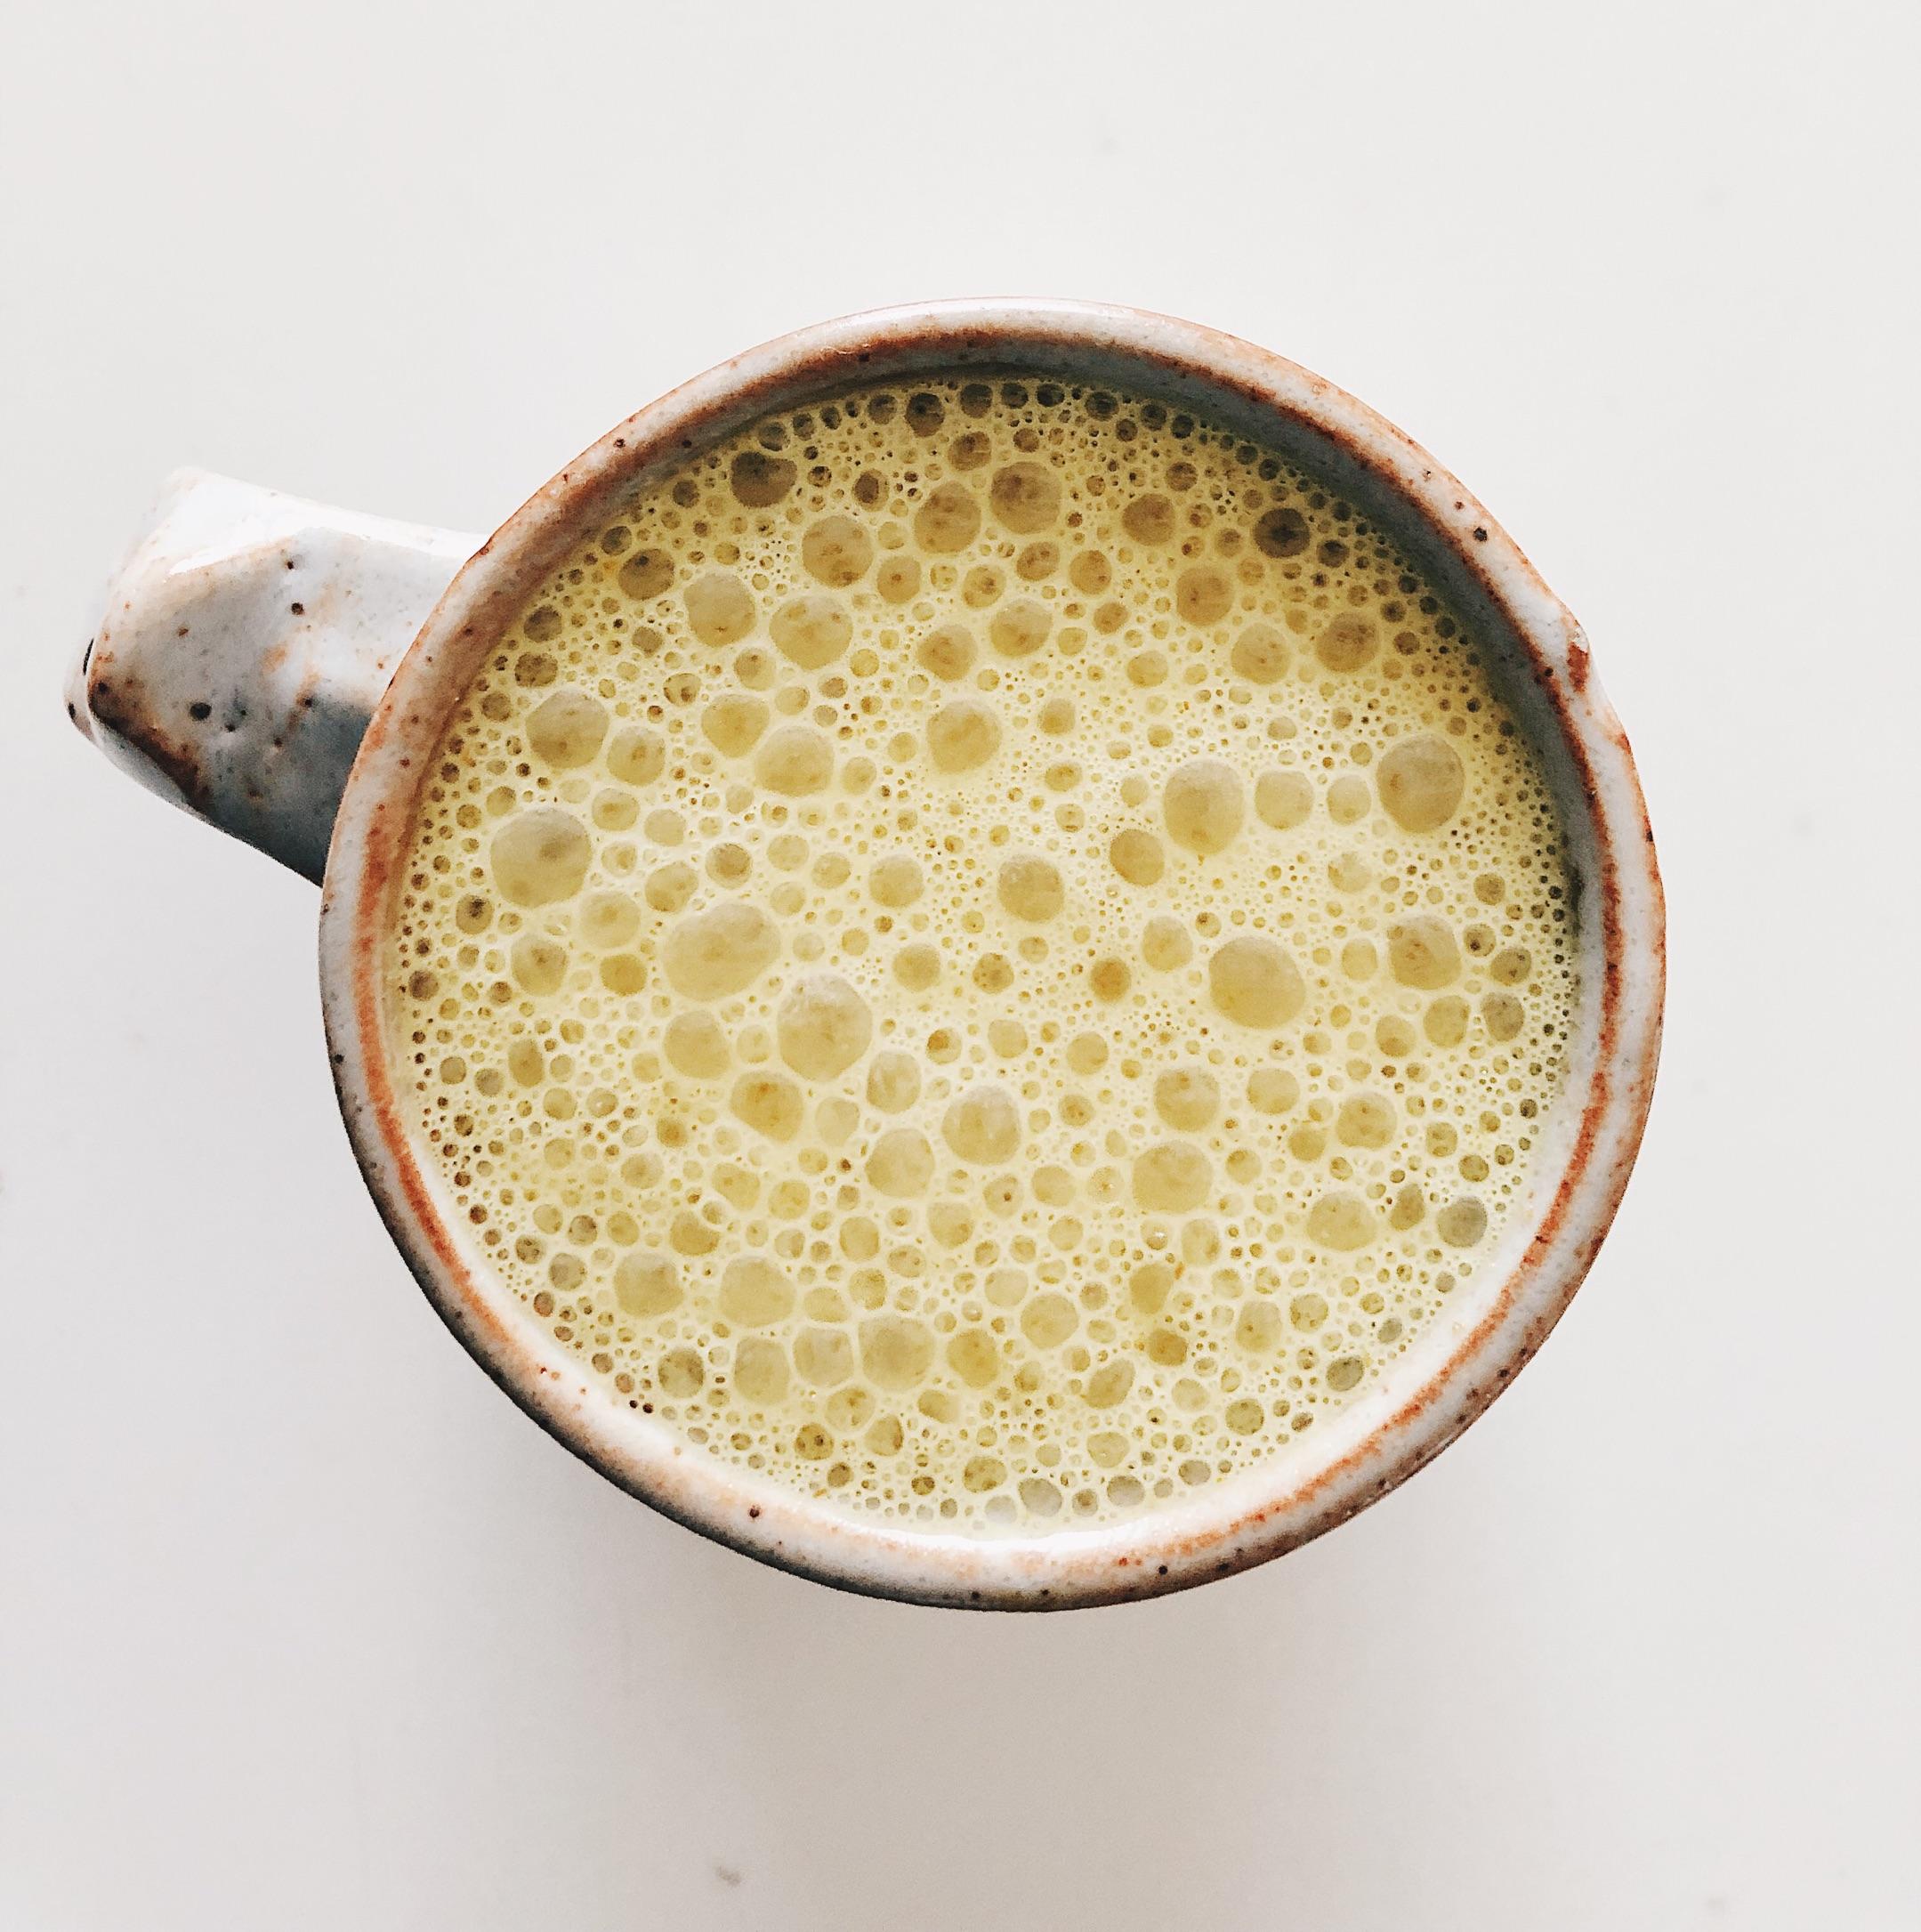 macro latte - morning game-changer. get on it.